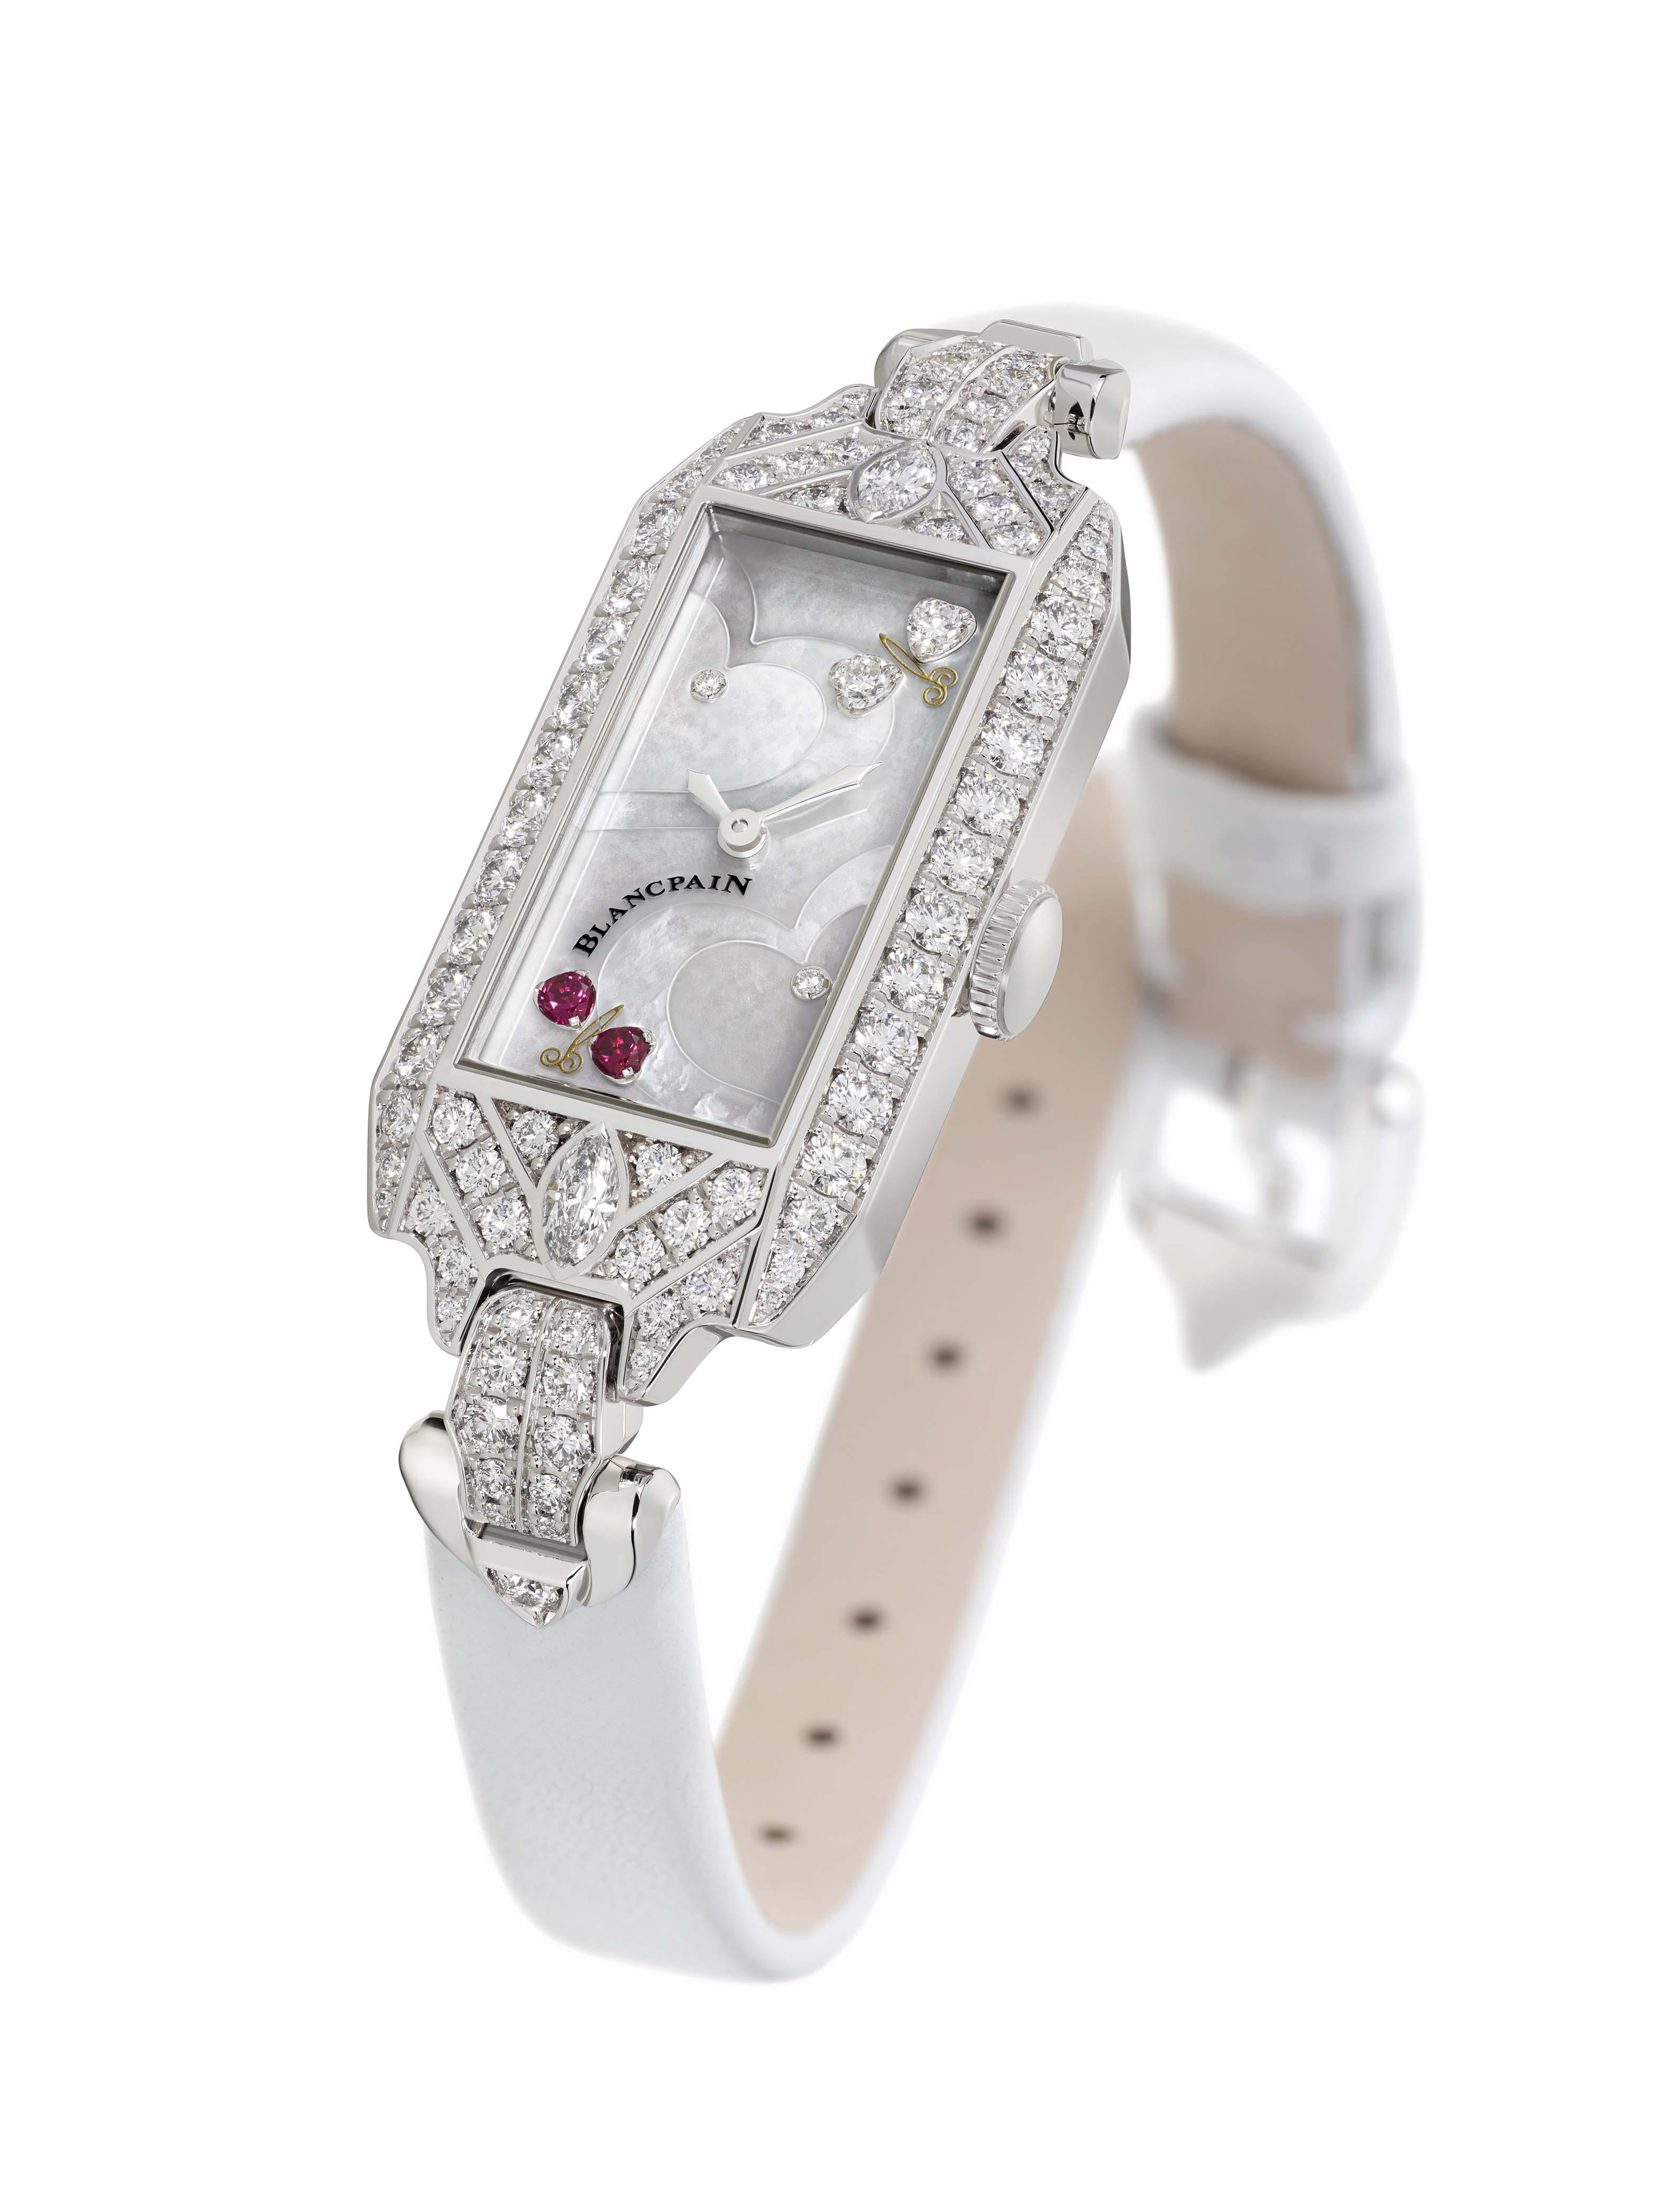 宝珀全新情人节限量款鸡尾酒腕表——腕间珍宝,献礼爱情